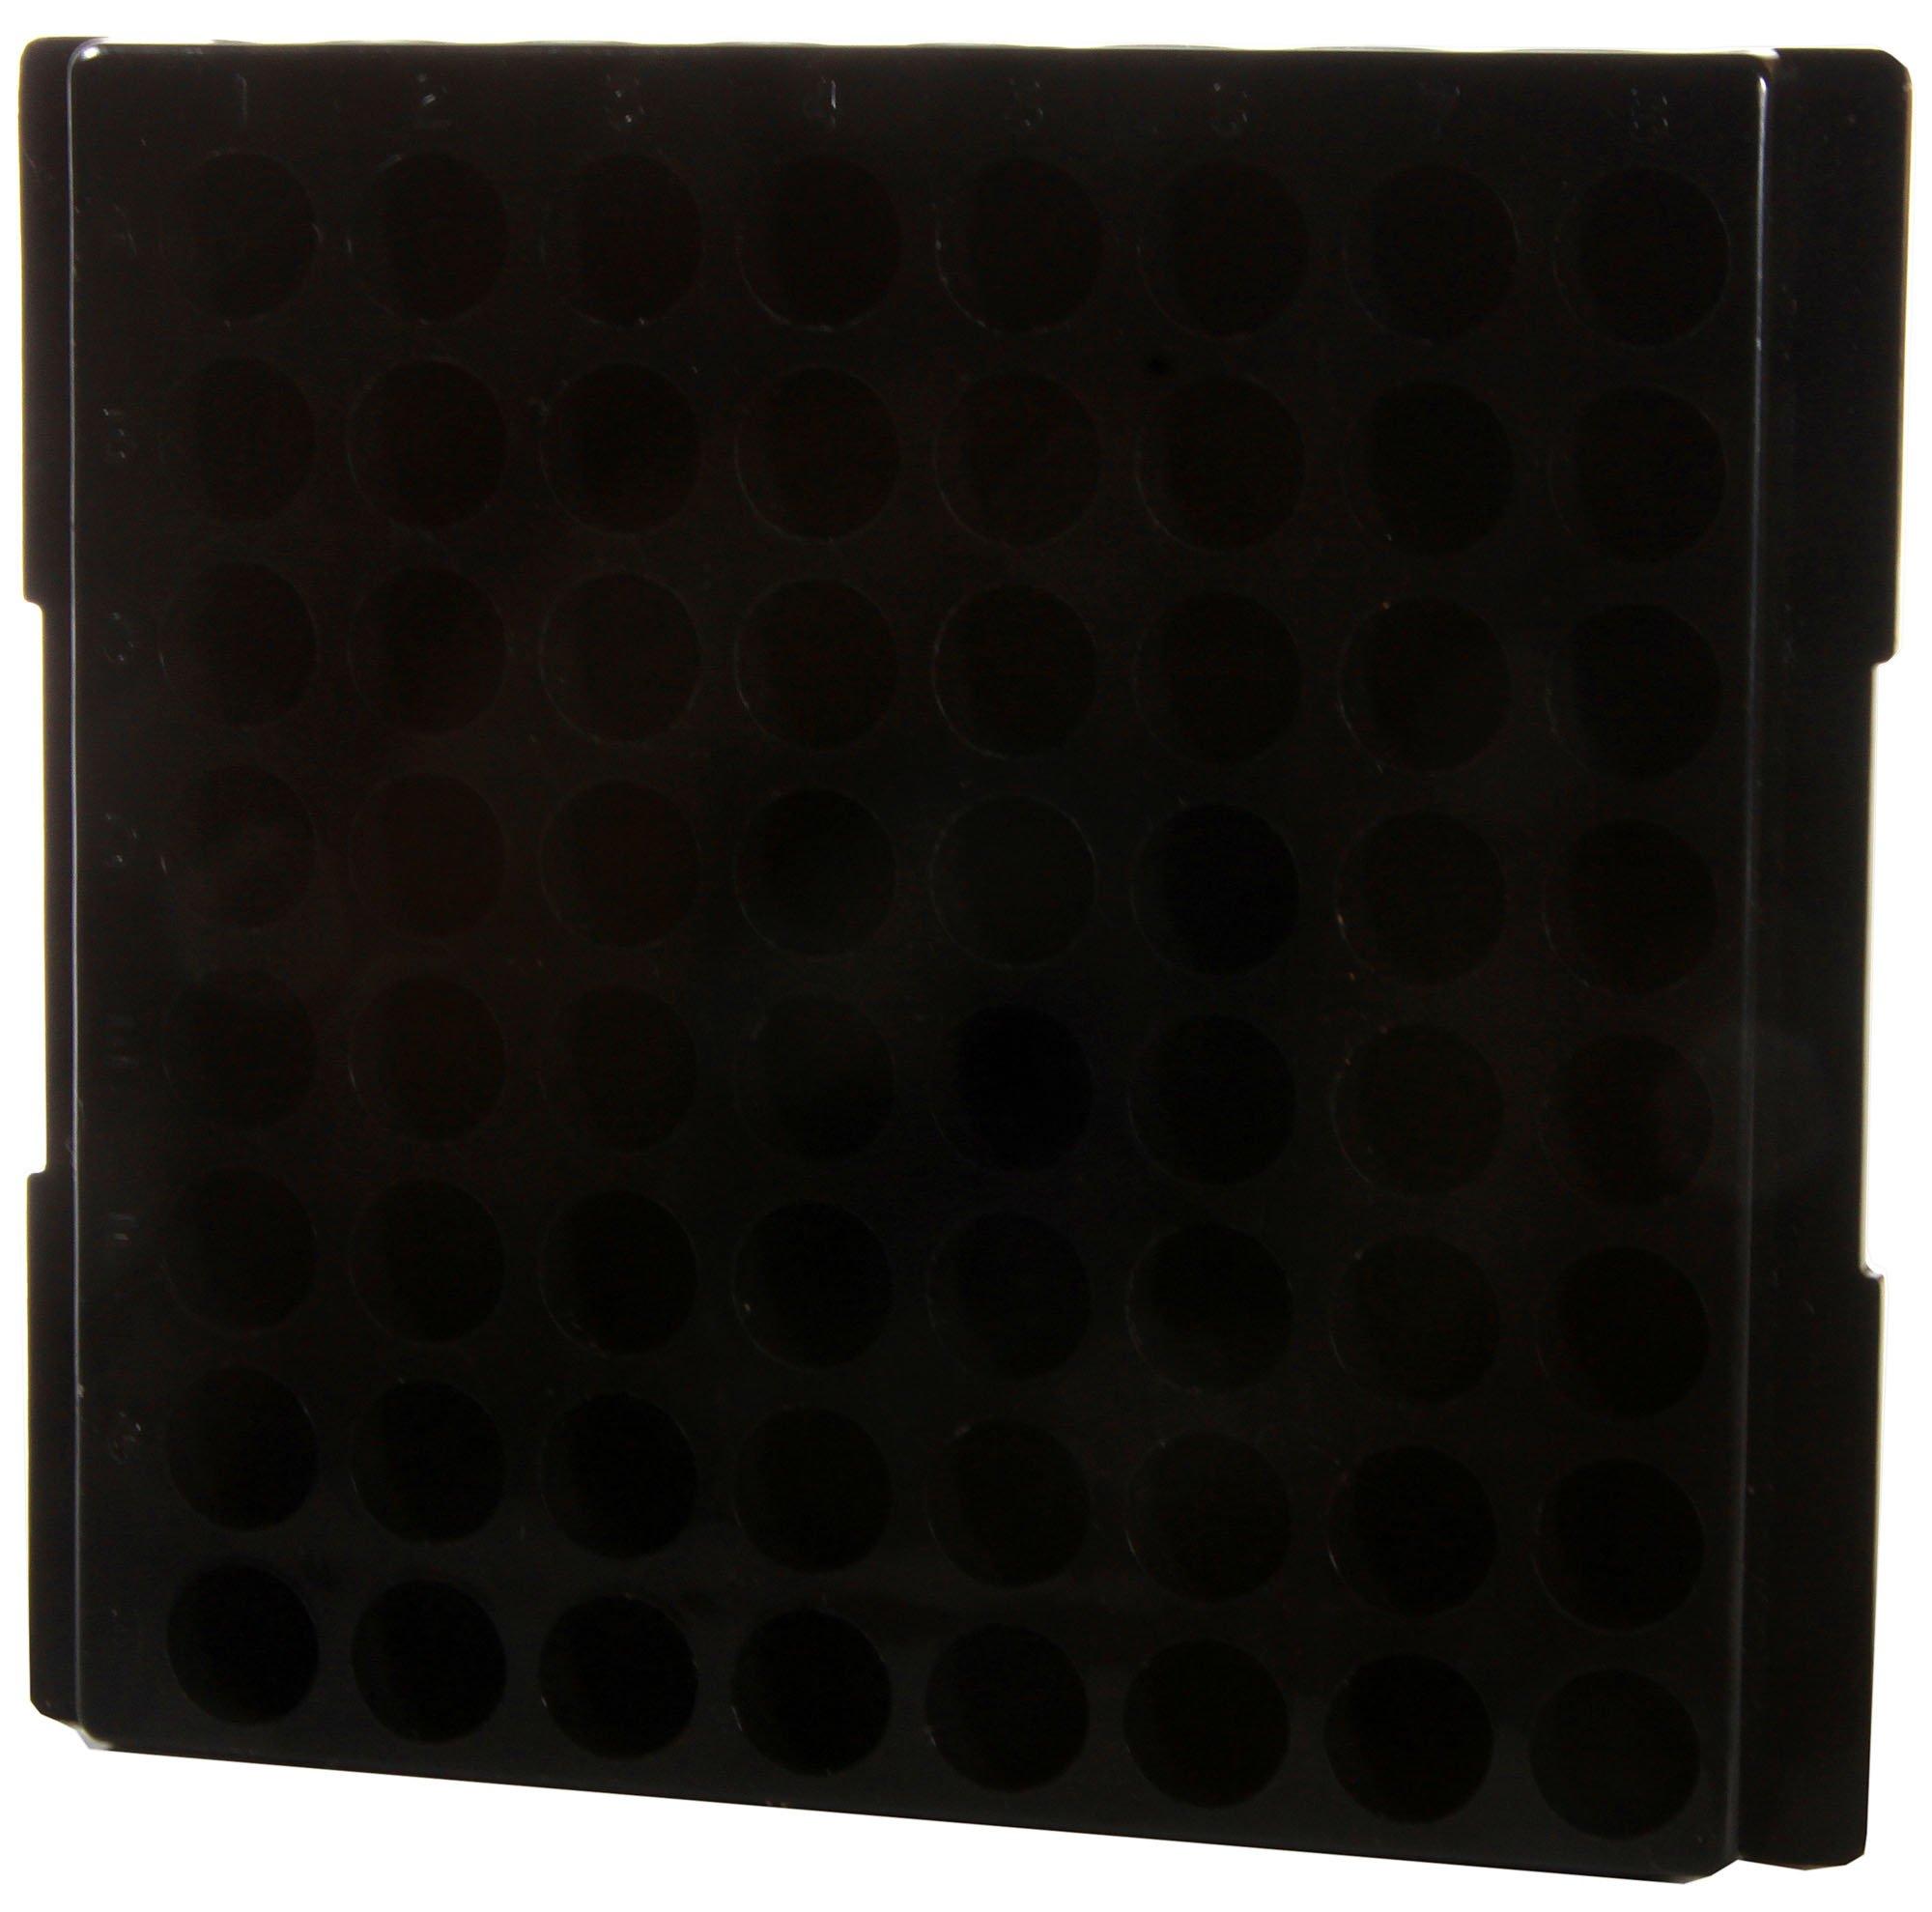 64-Well Microcentrifuge Tube Rack - Black